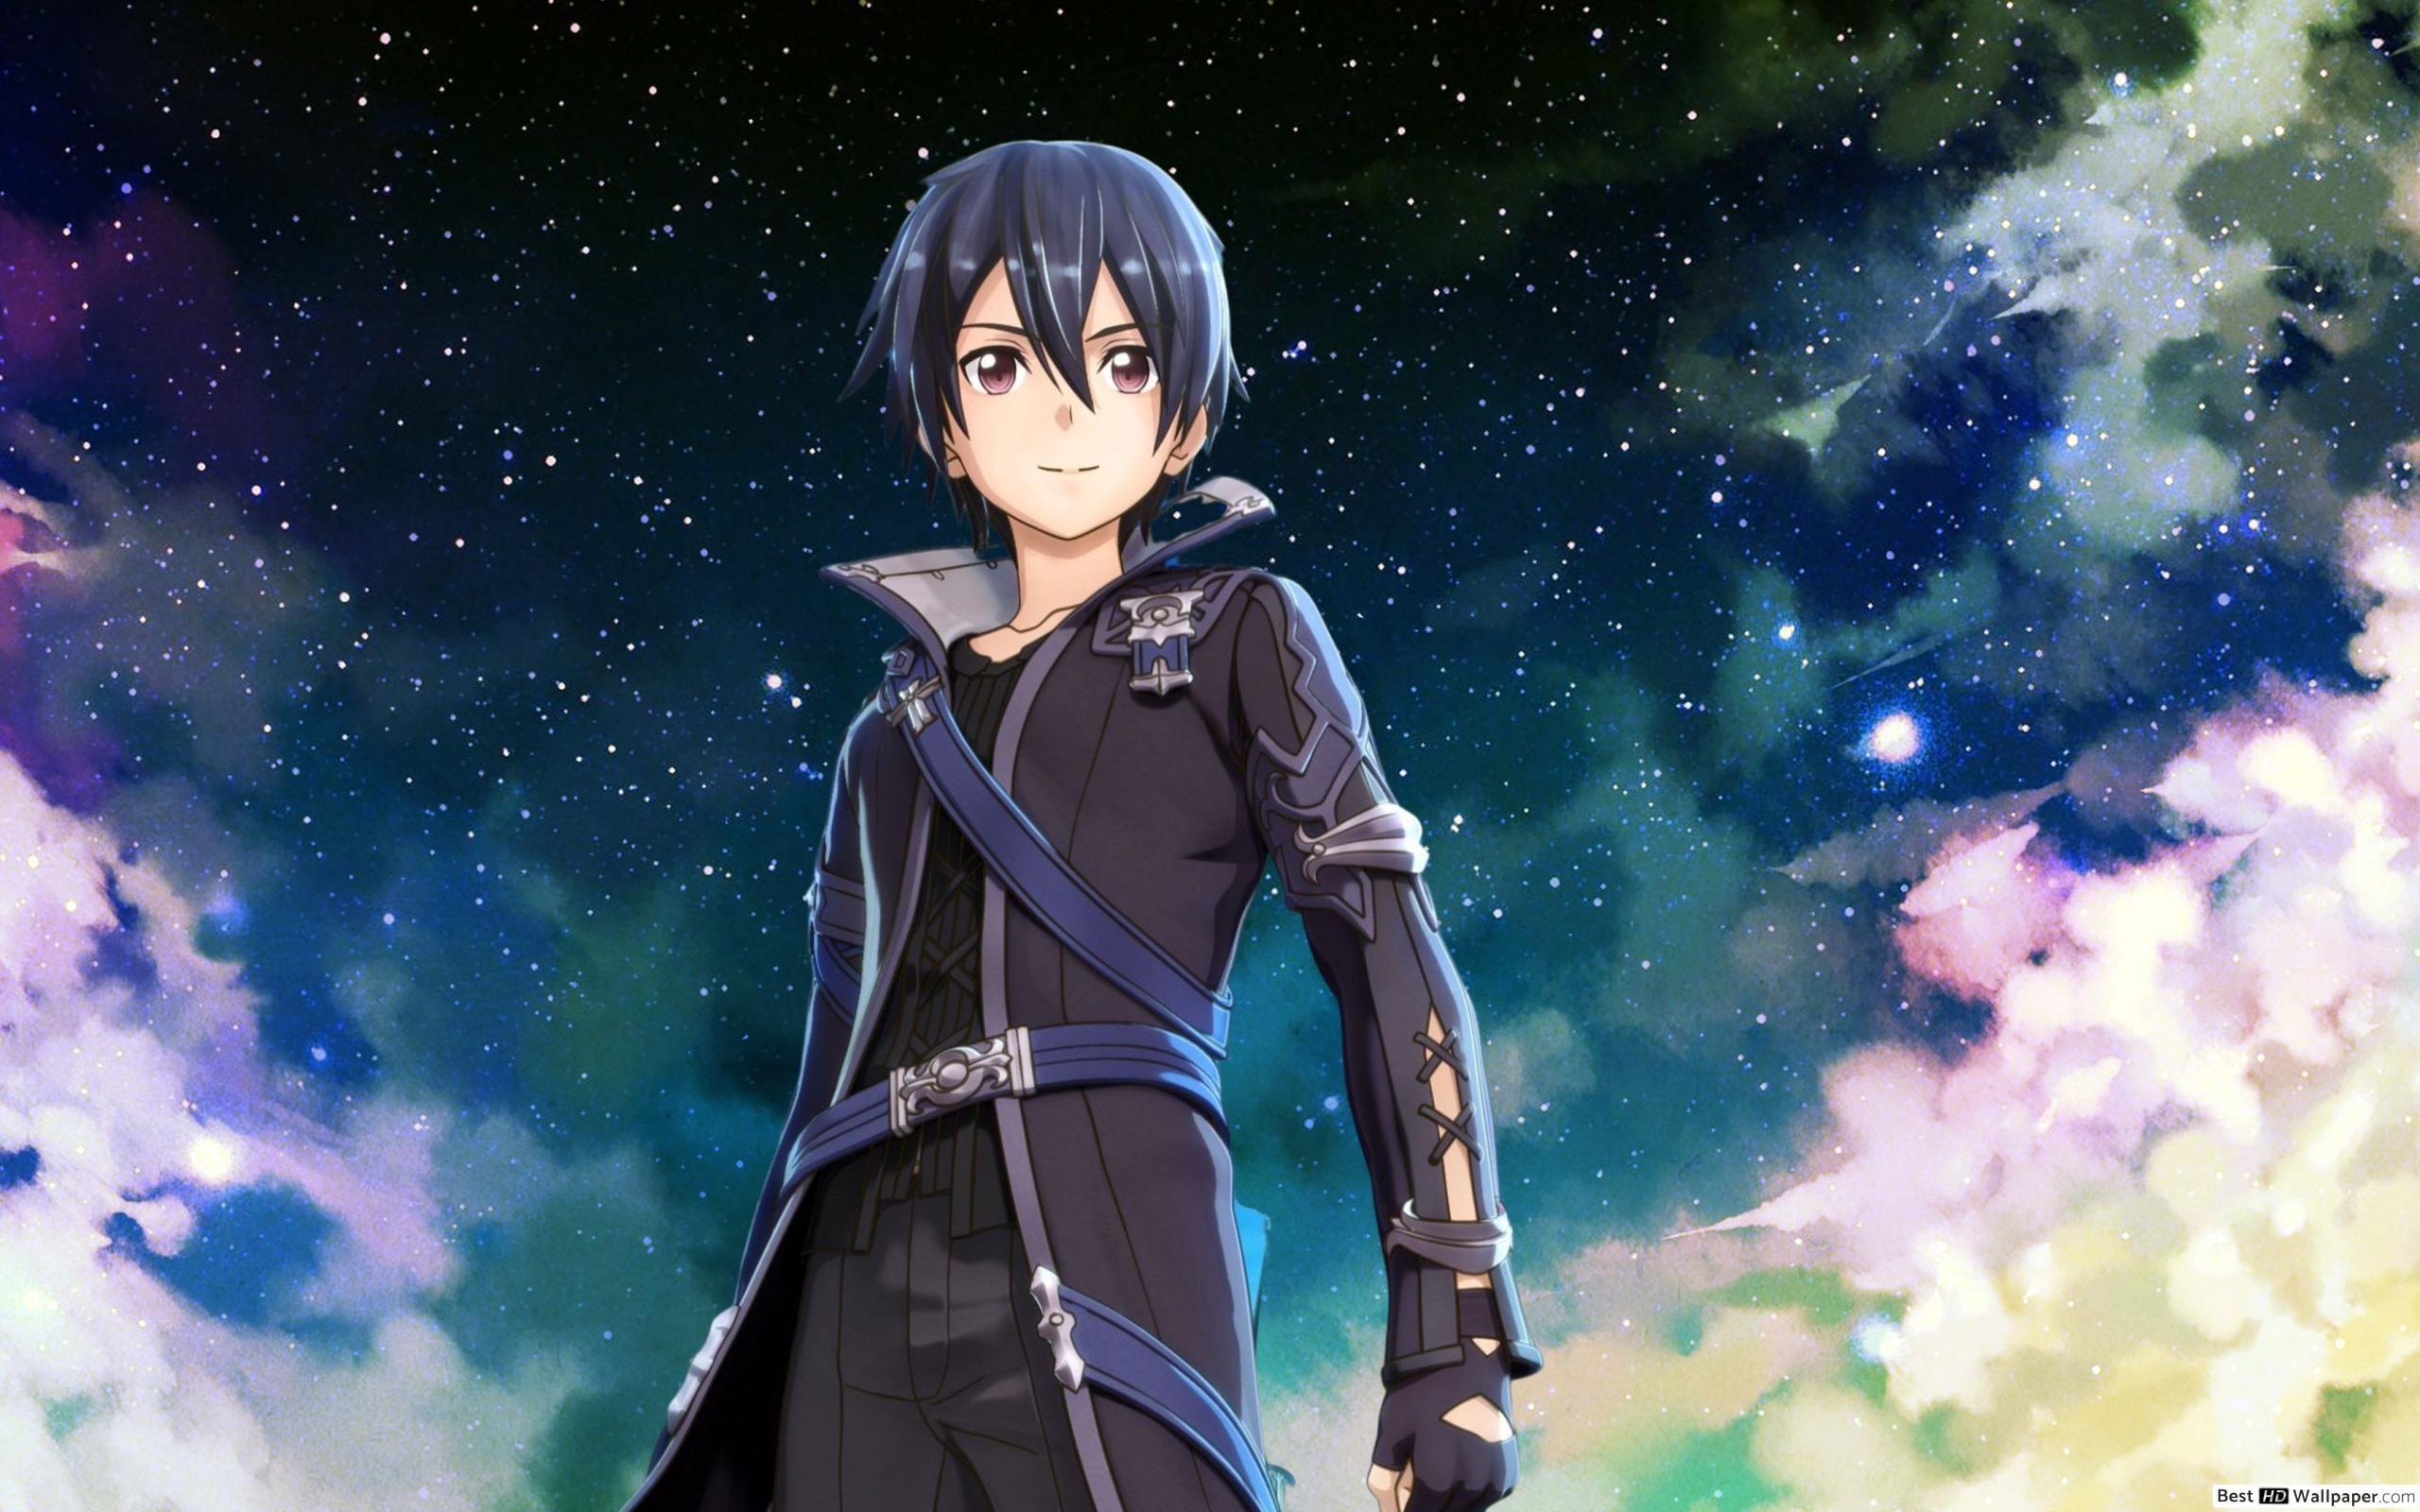 Hình Kirito và bầu trời đêm